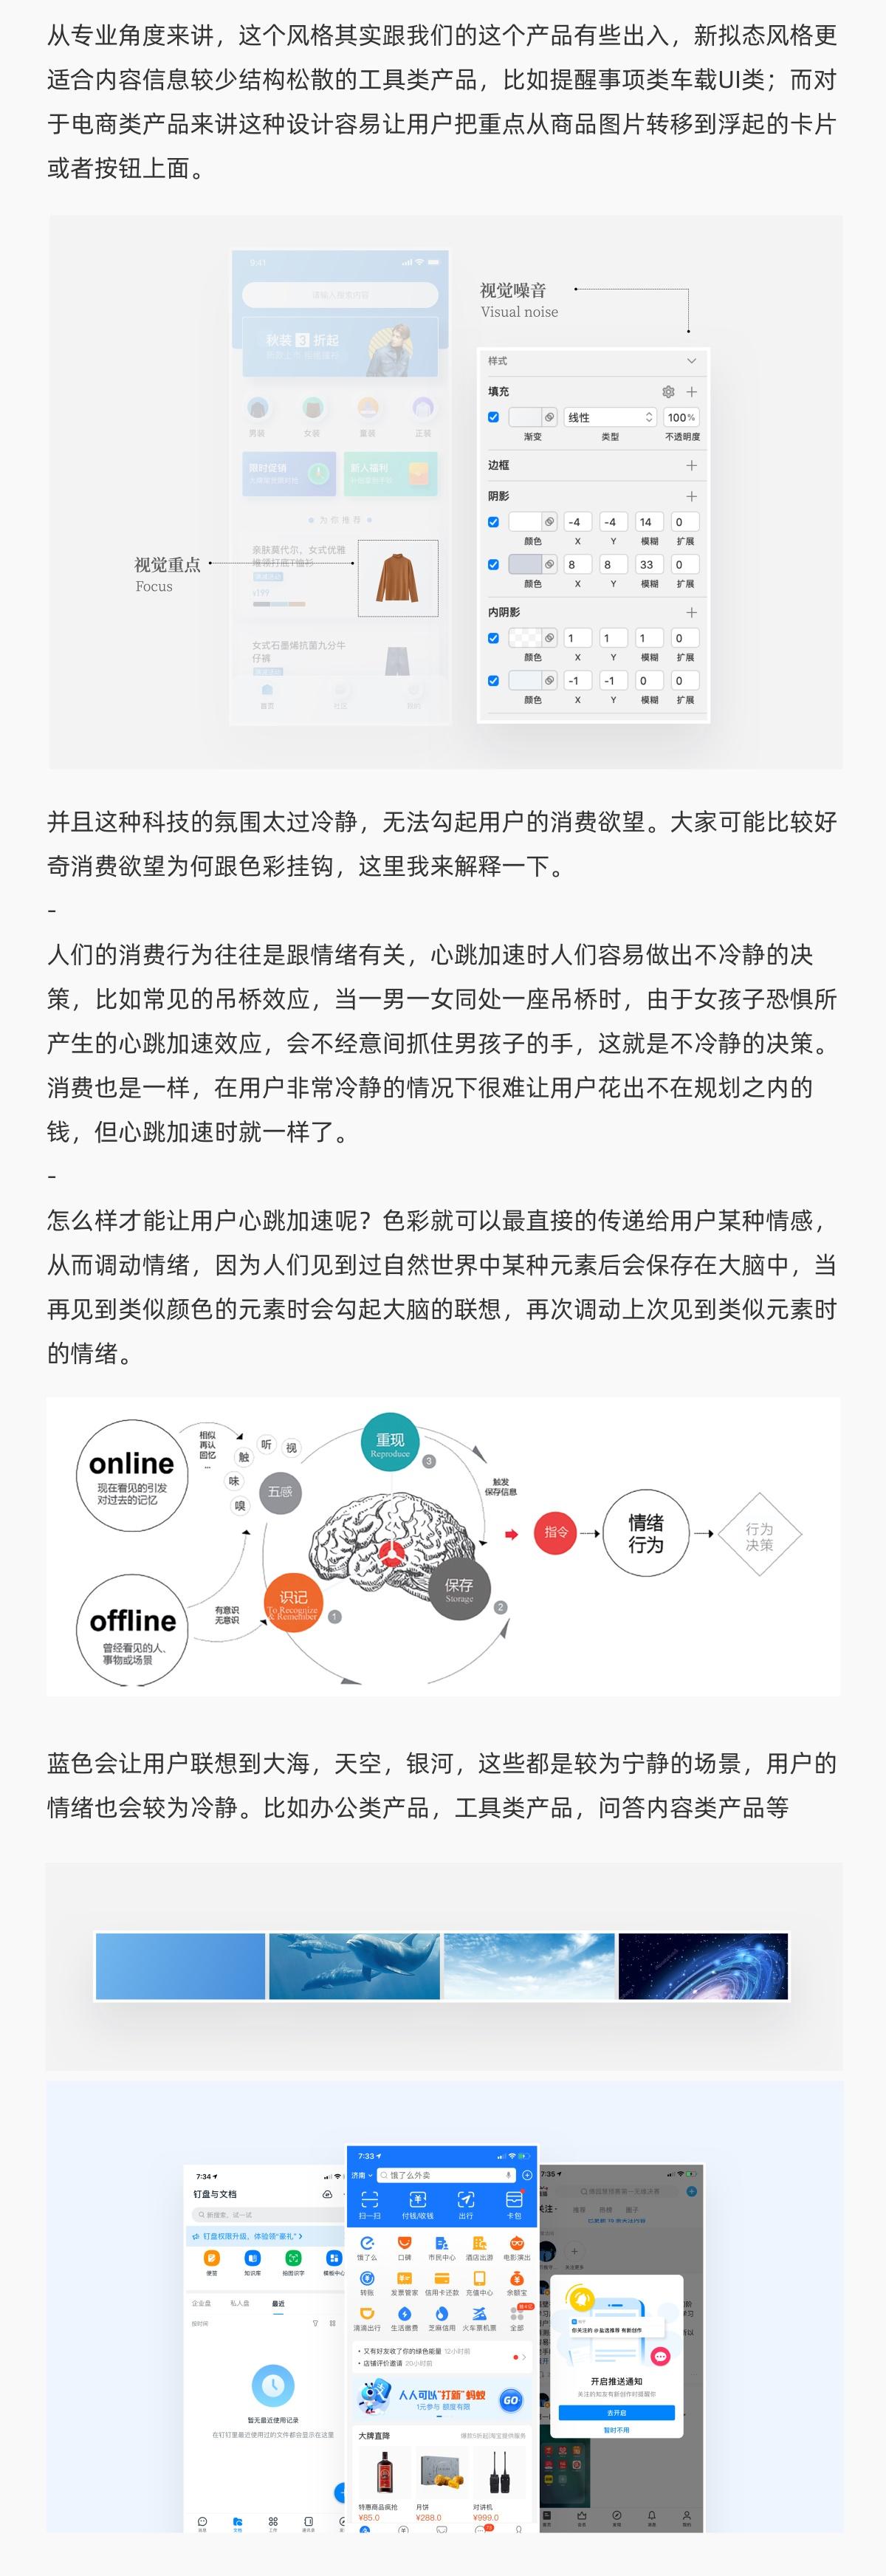 用一个实战案例,分析「设计师」与「设计爱好者」的思维差异